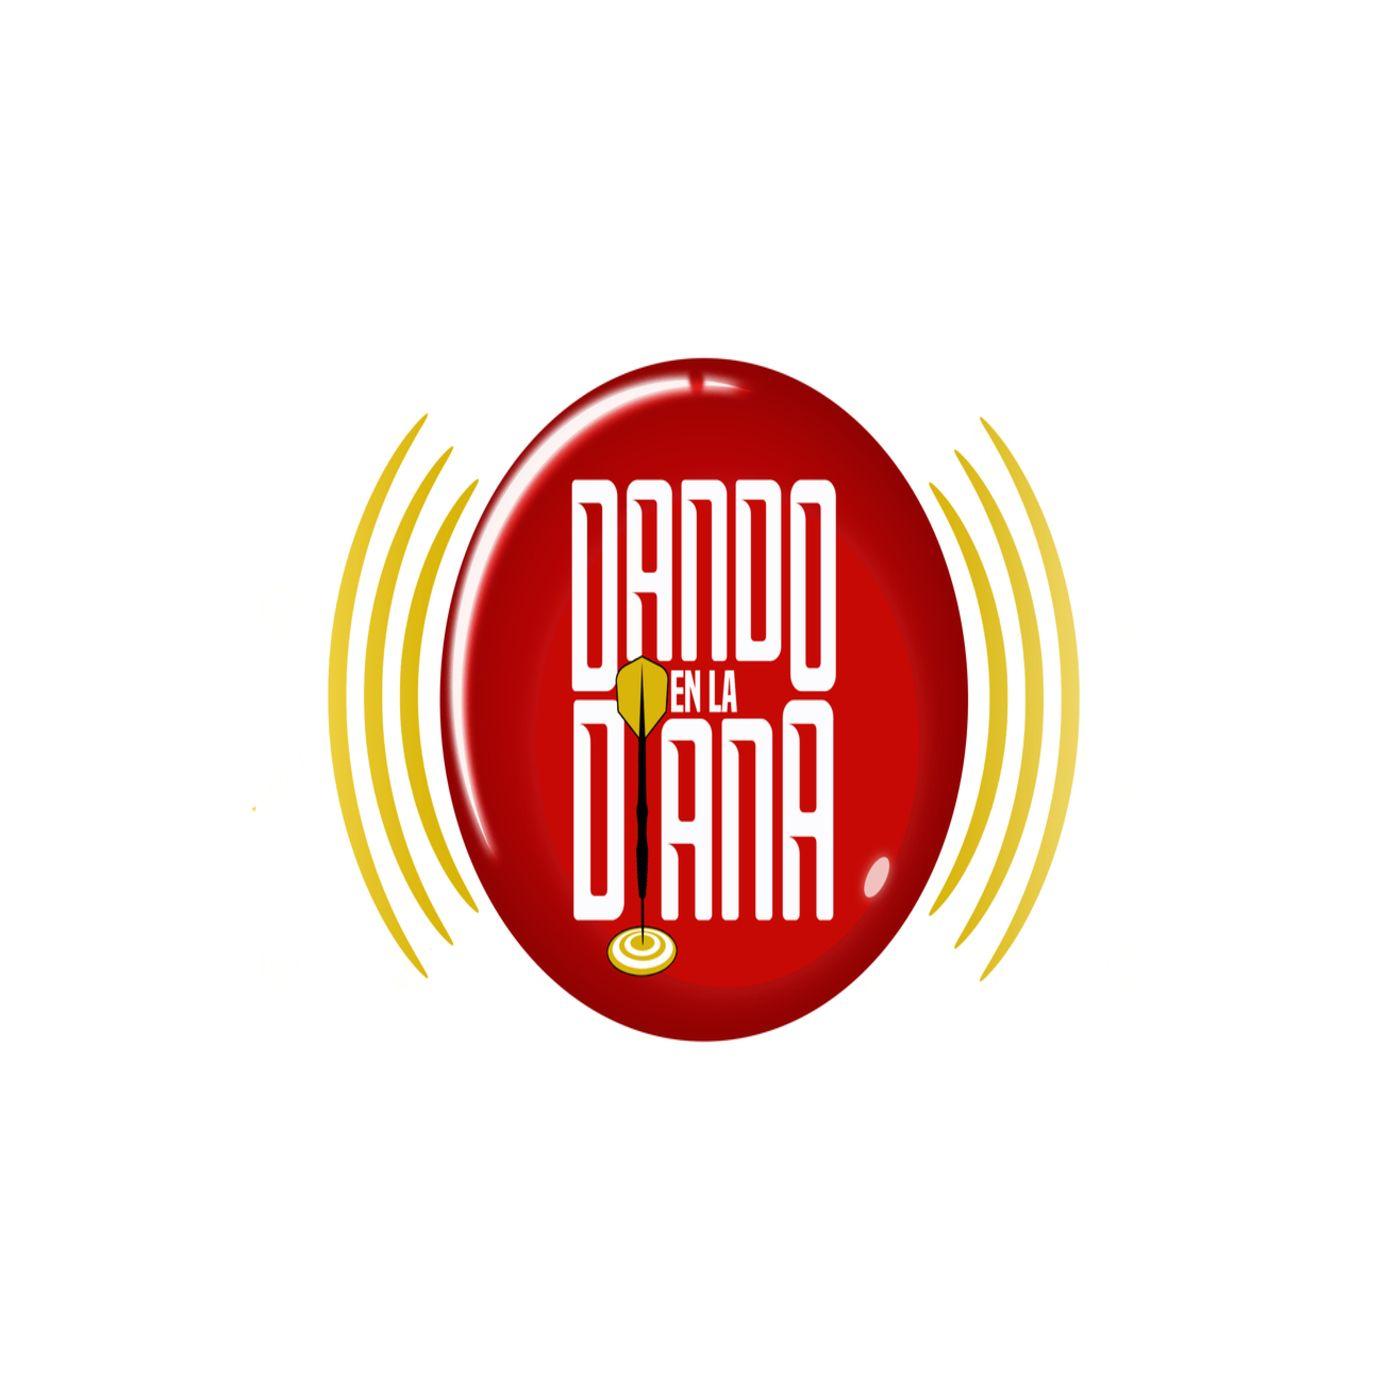 Dando en la Diana - Episodio 77 - 15 Diciembre 2020 - Yariel Music / Ing. Camilo